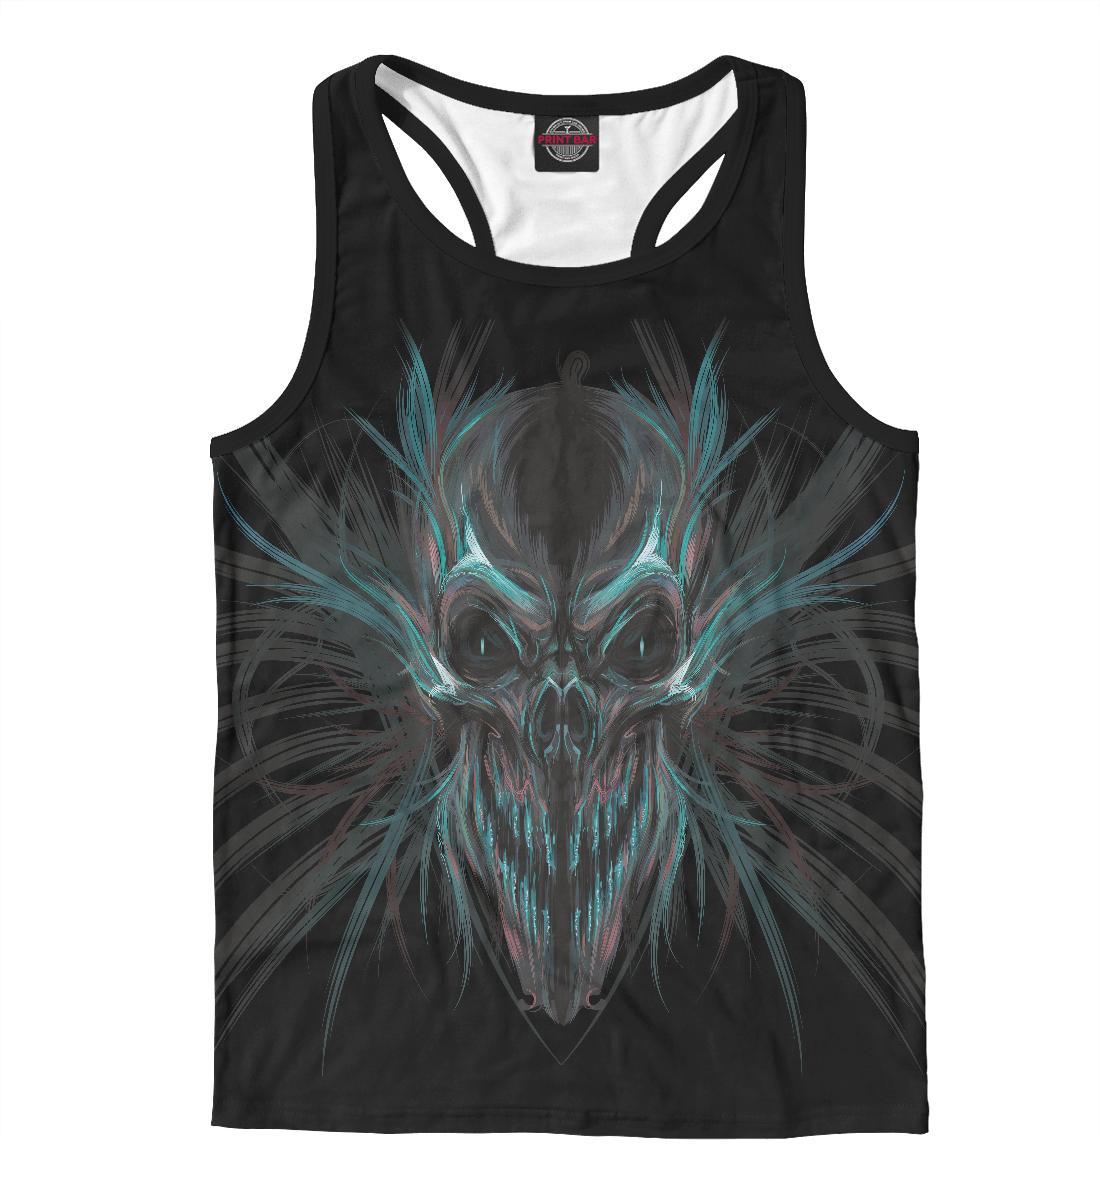 Купить Spirit of Darkness, Printbar, Майки борцовки, HAL-405767-mayb-2